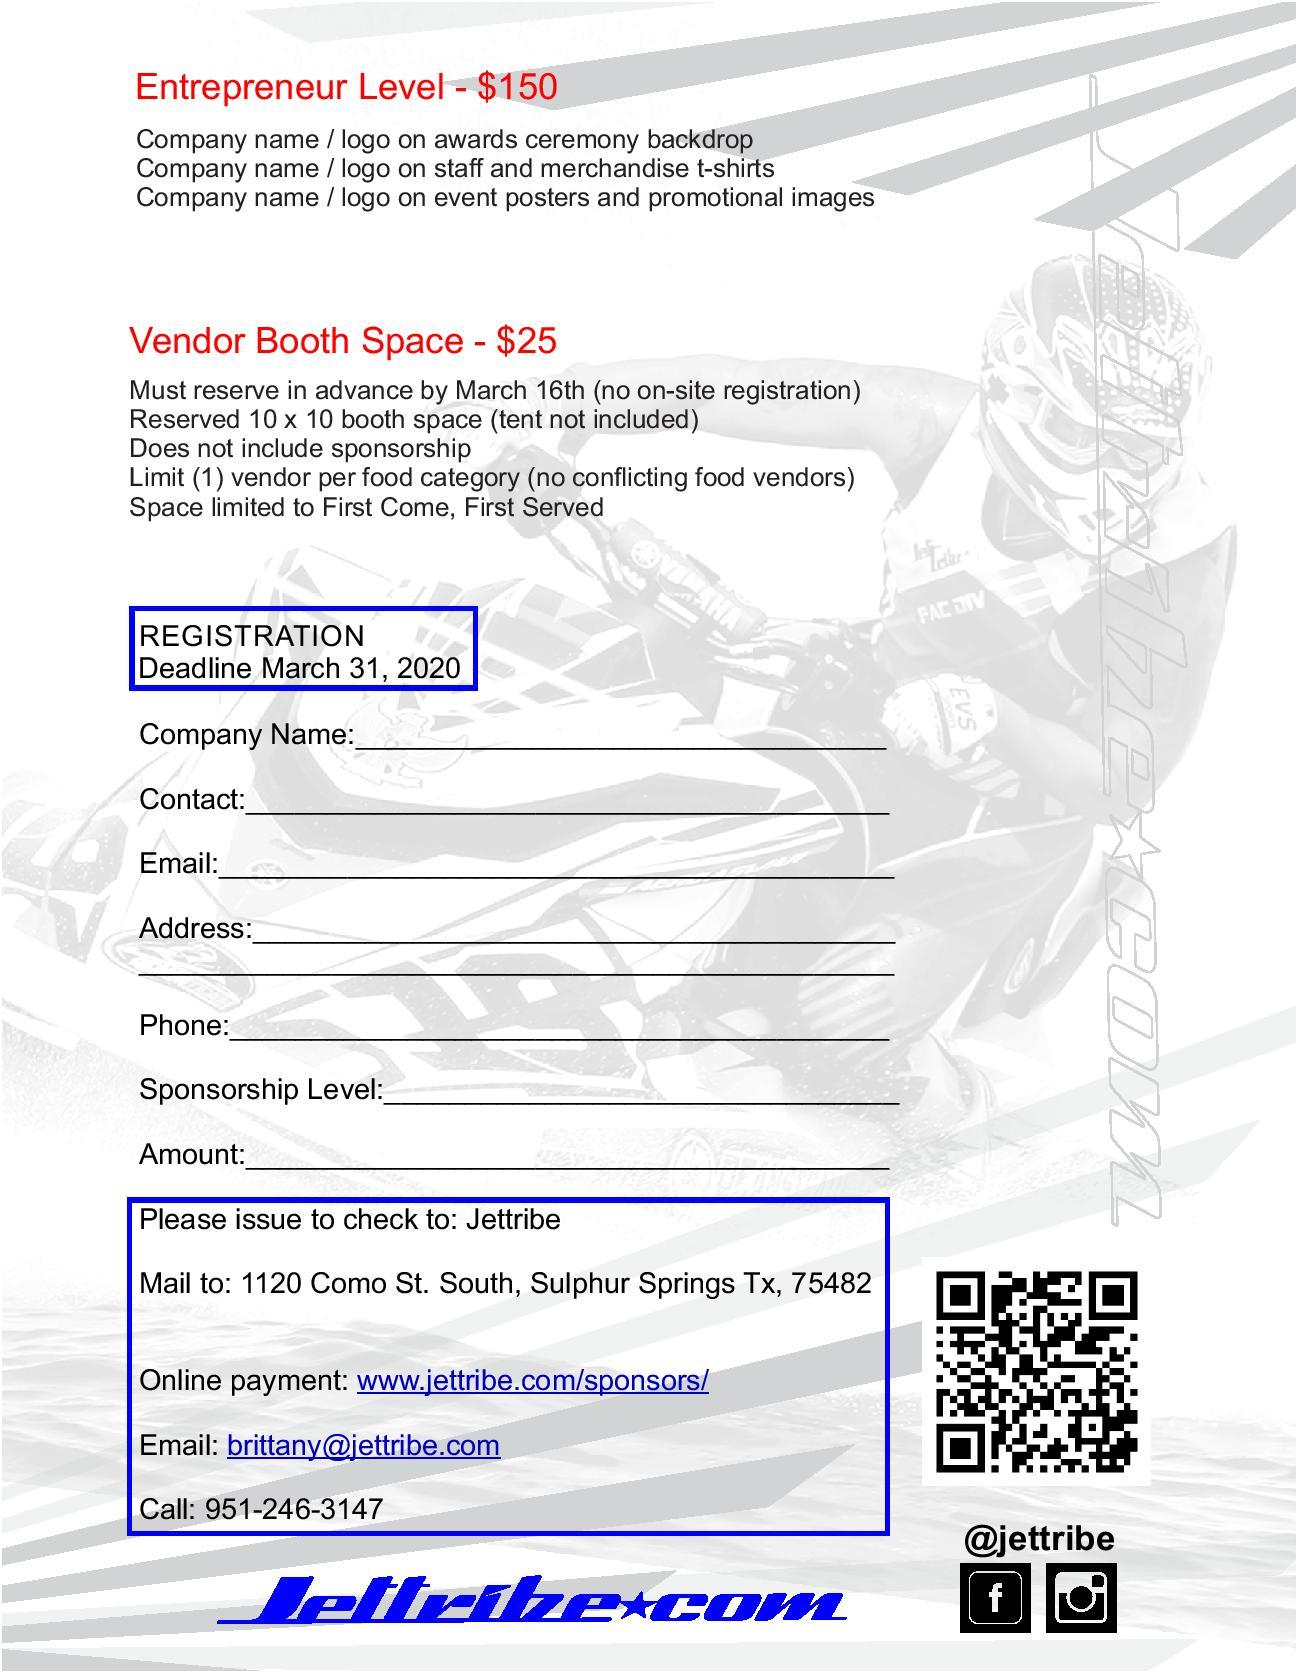 sponsorship-mailer-back-printing-page-001.jpg